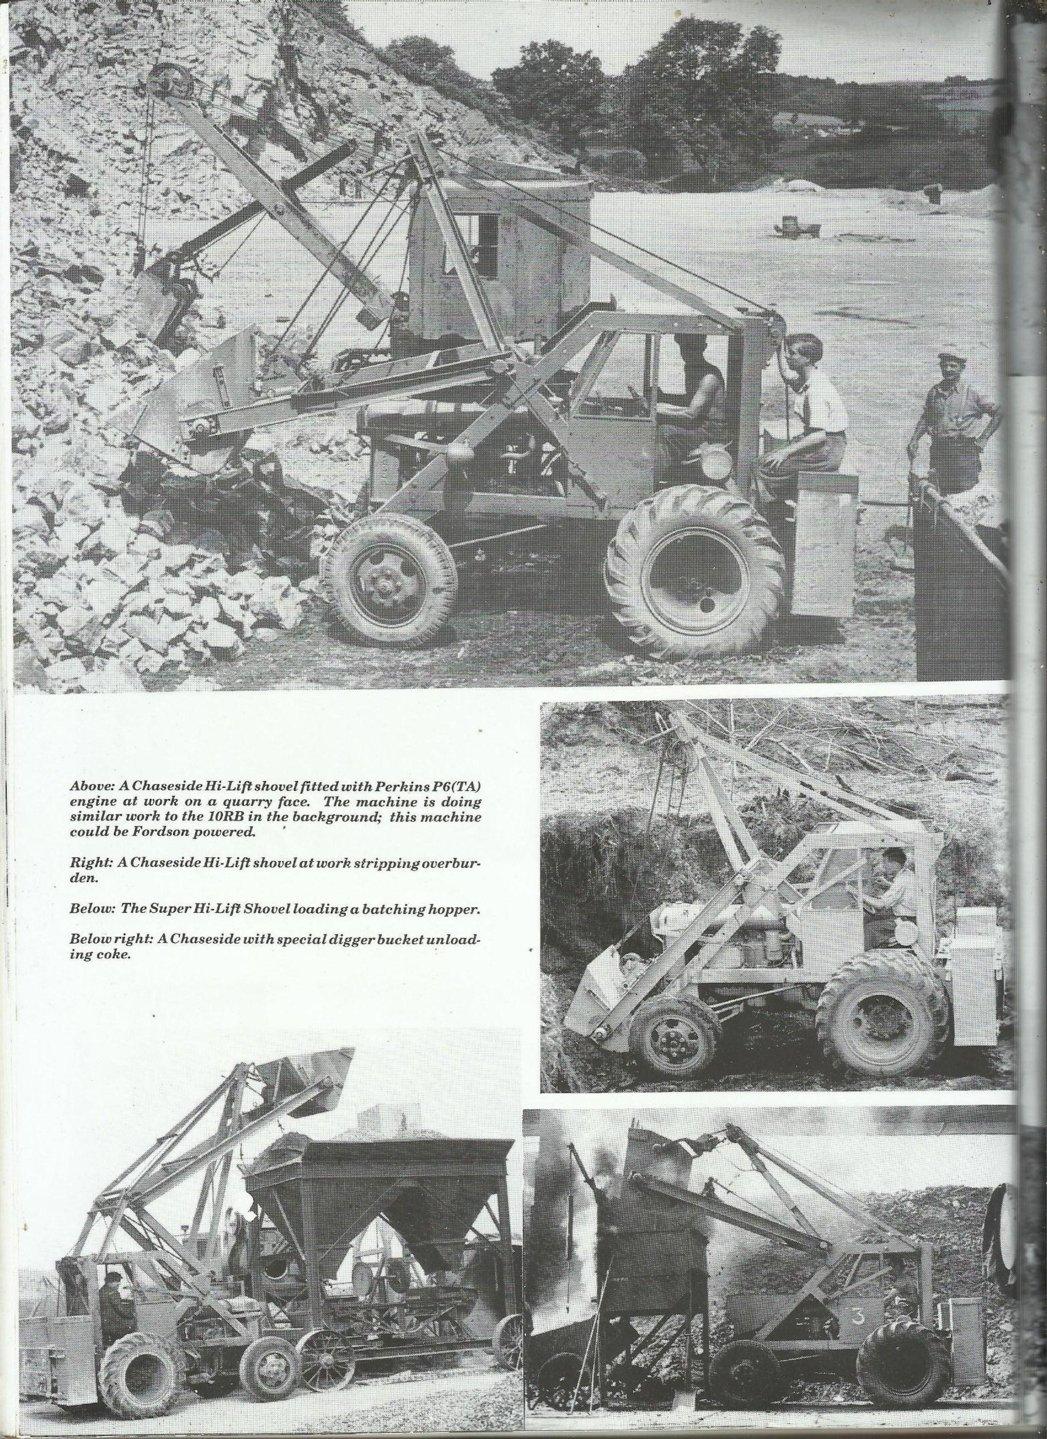 caricatori industriali pale meccaniche Chaseside-001-jpg